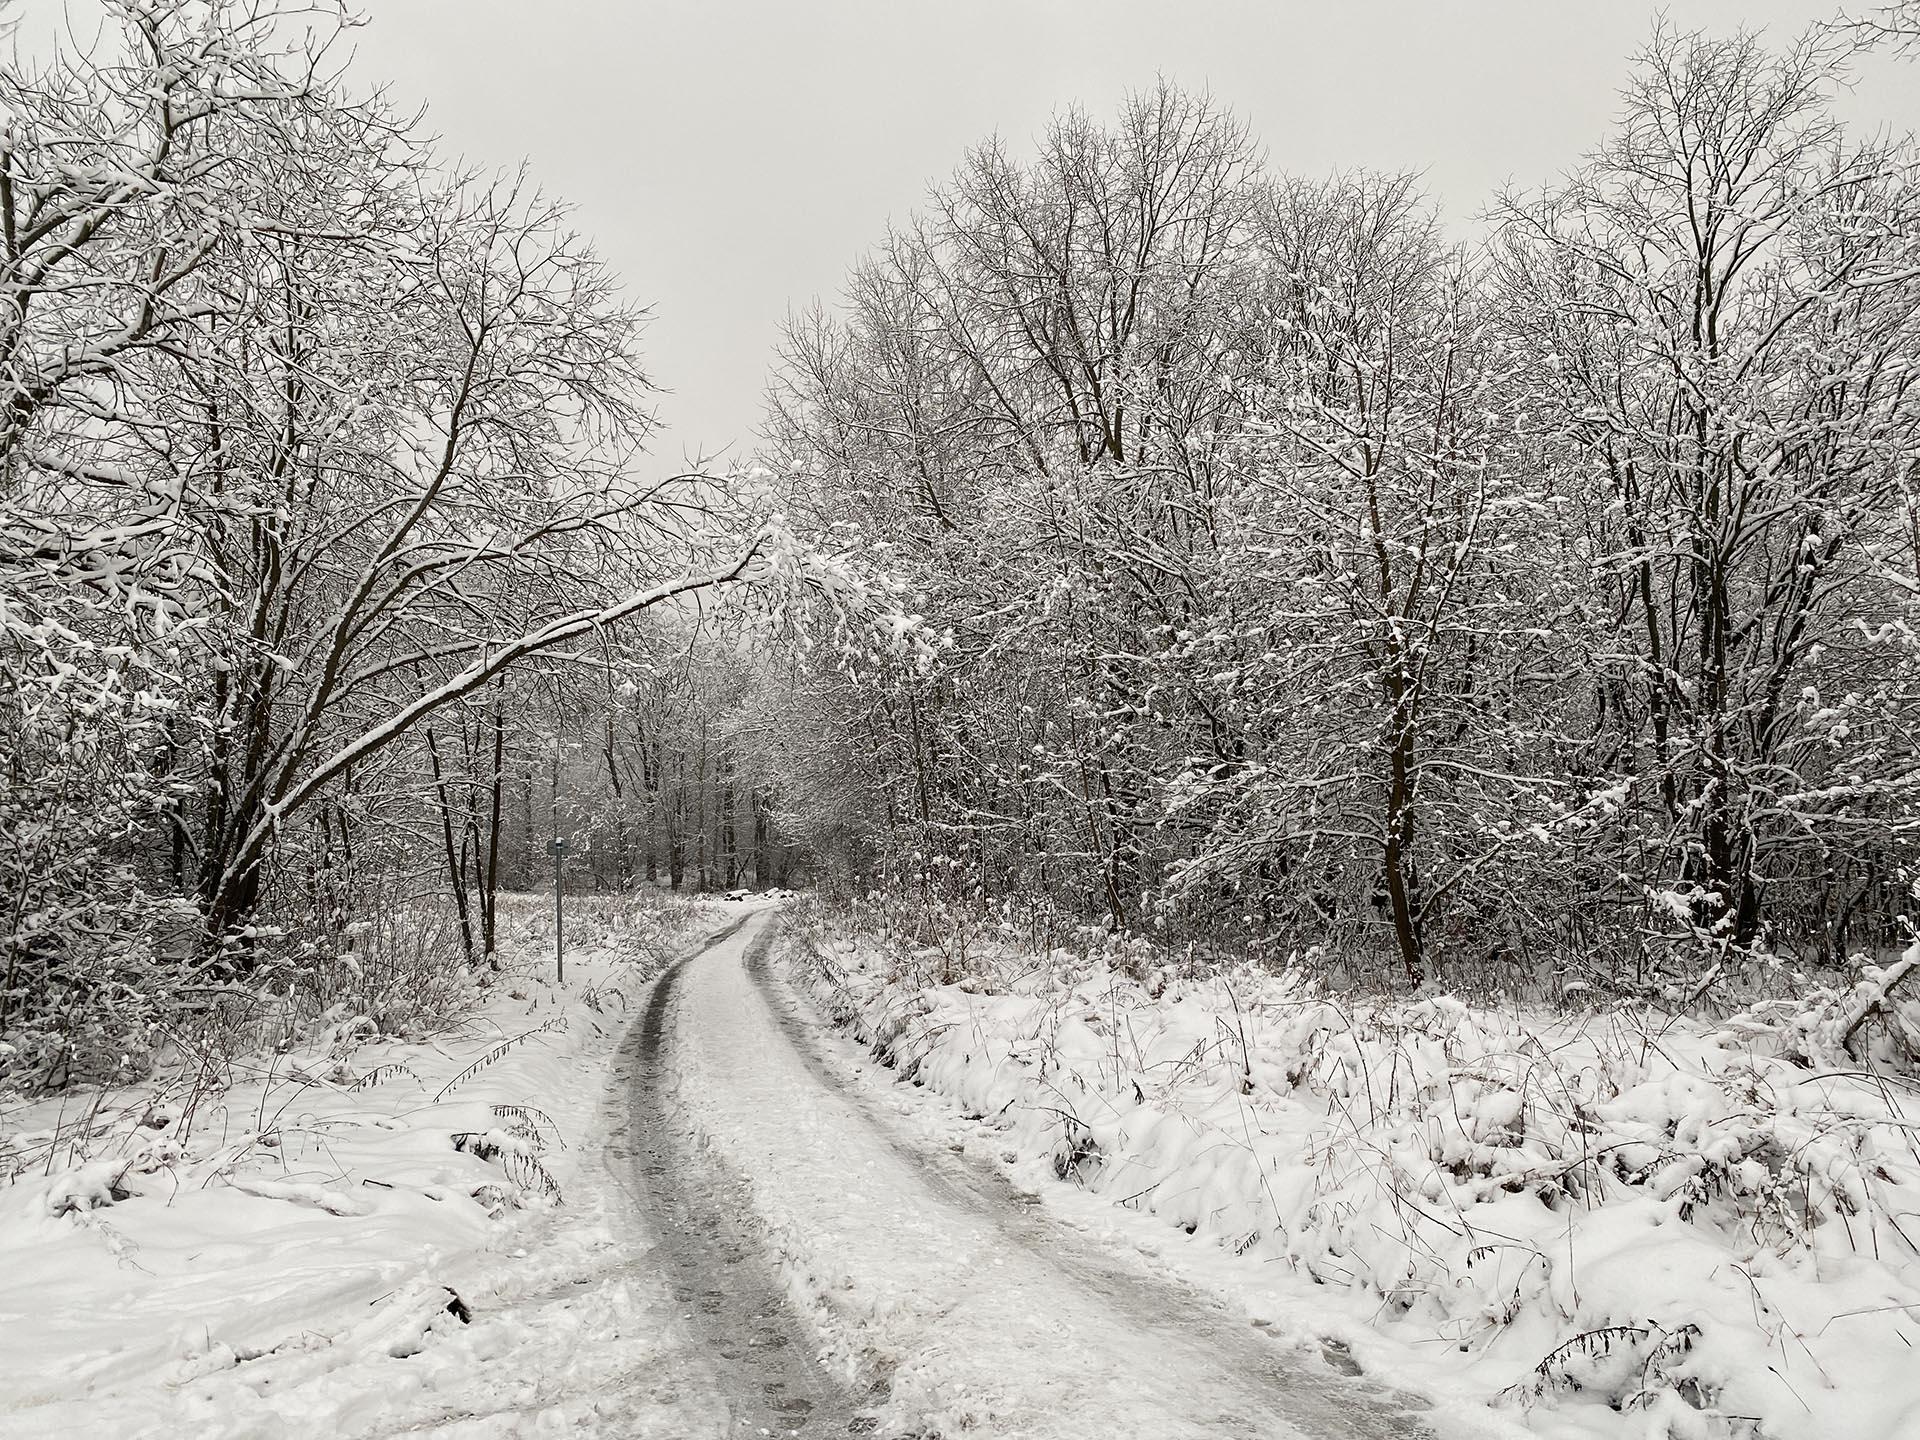 Pojisteni olomouc - Ladovska zima